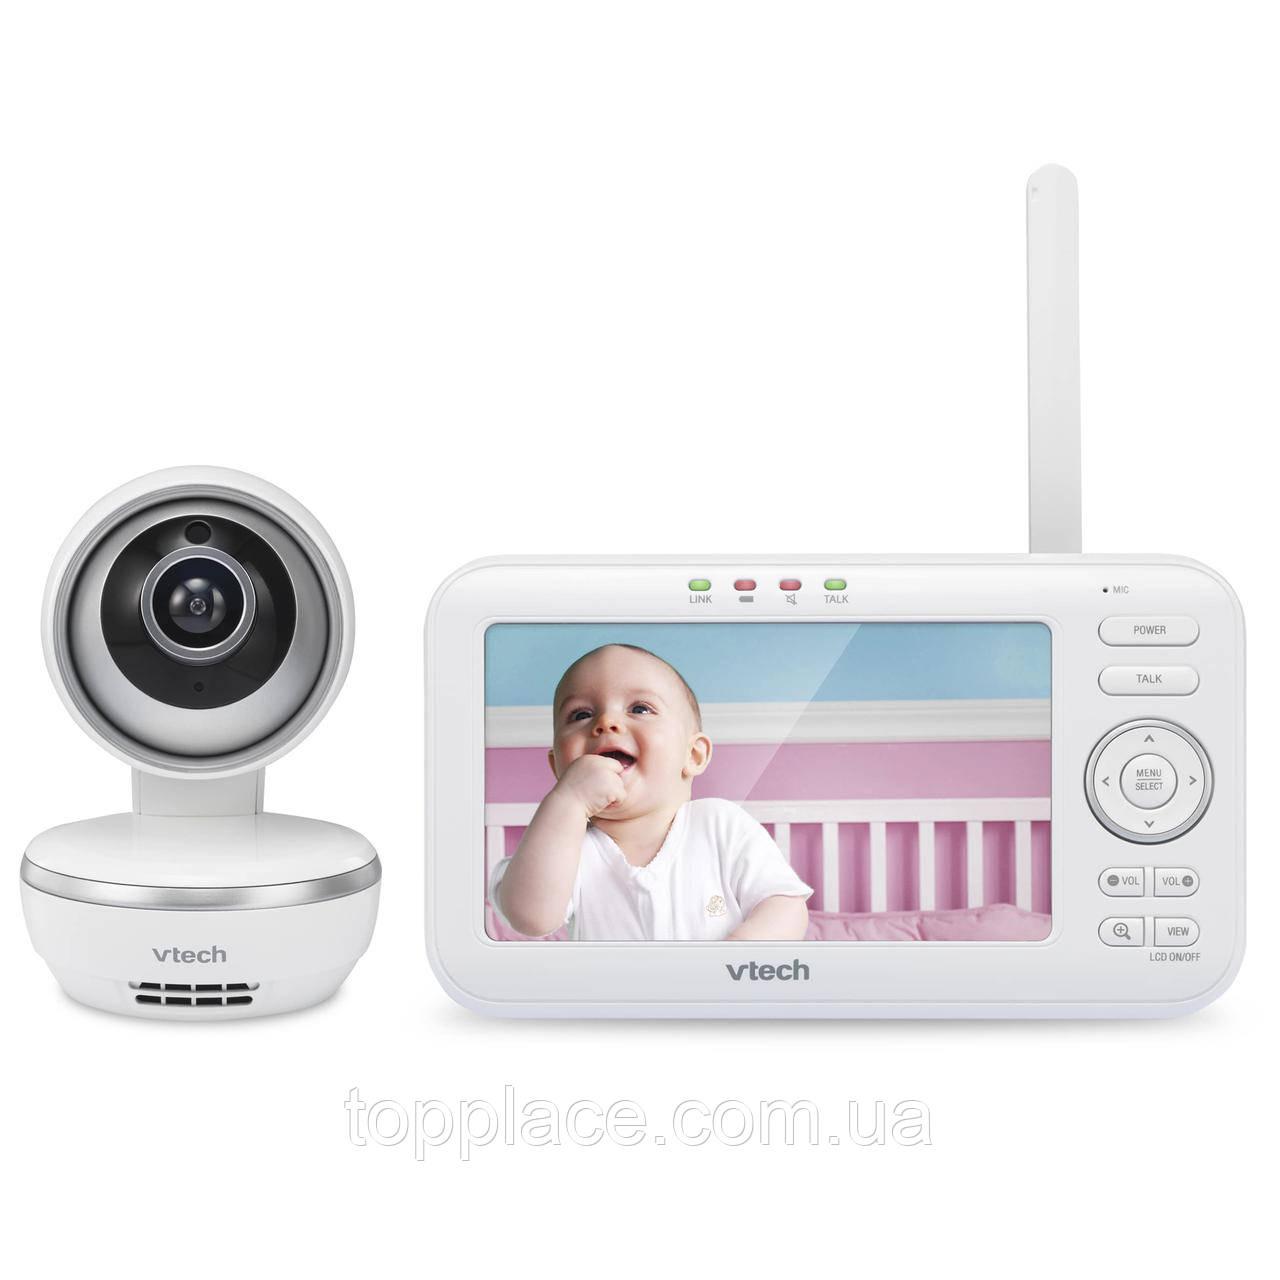 Видеоняня VTech VM5261 двухсторонней связи с дистанционным поворотом камеры (4897027122565)